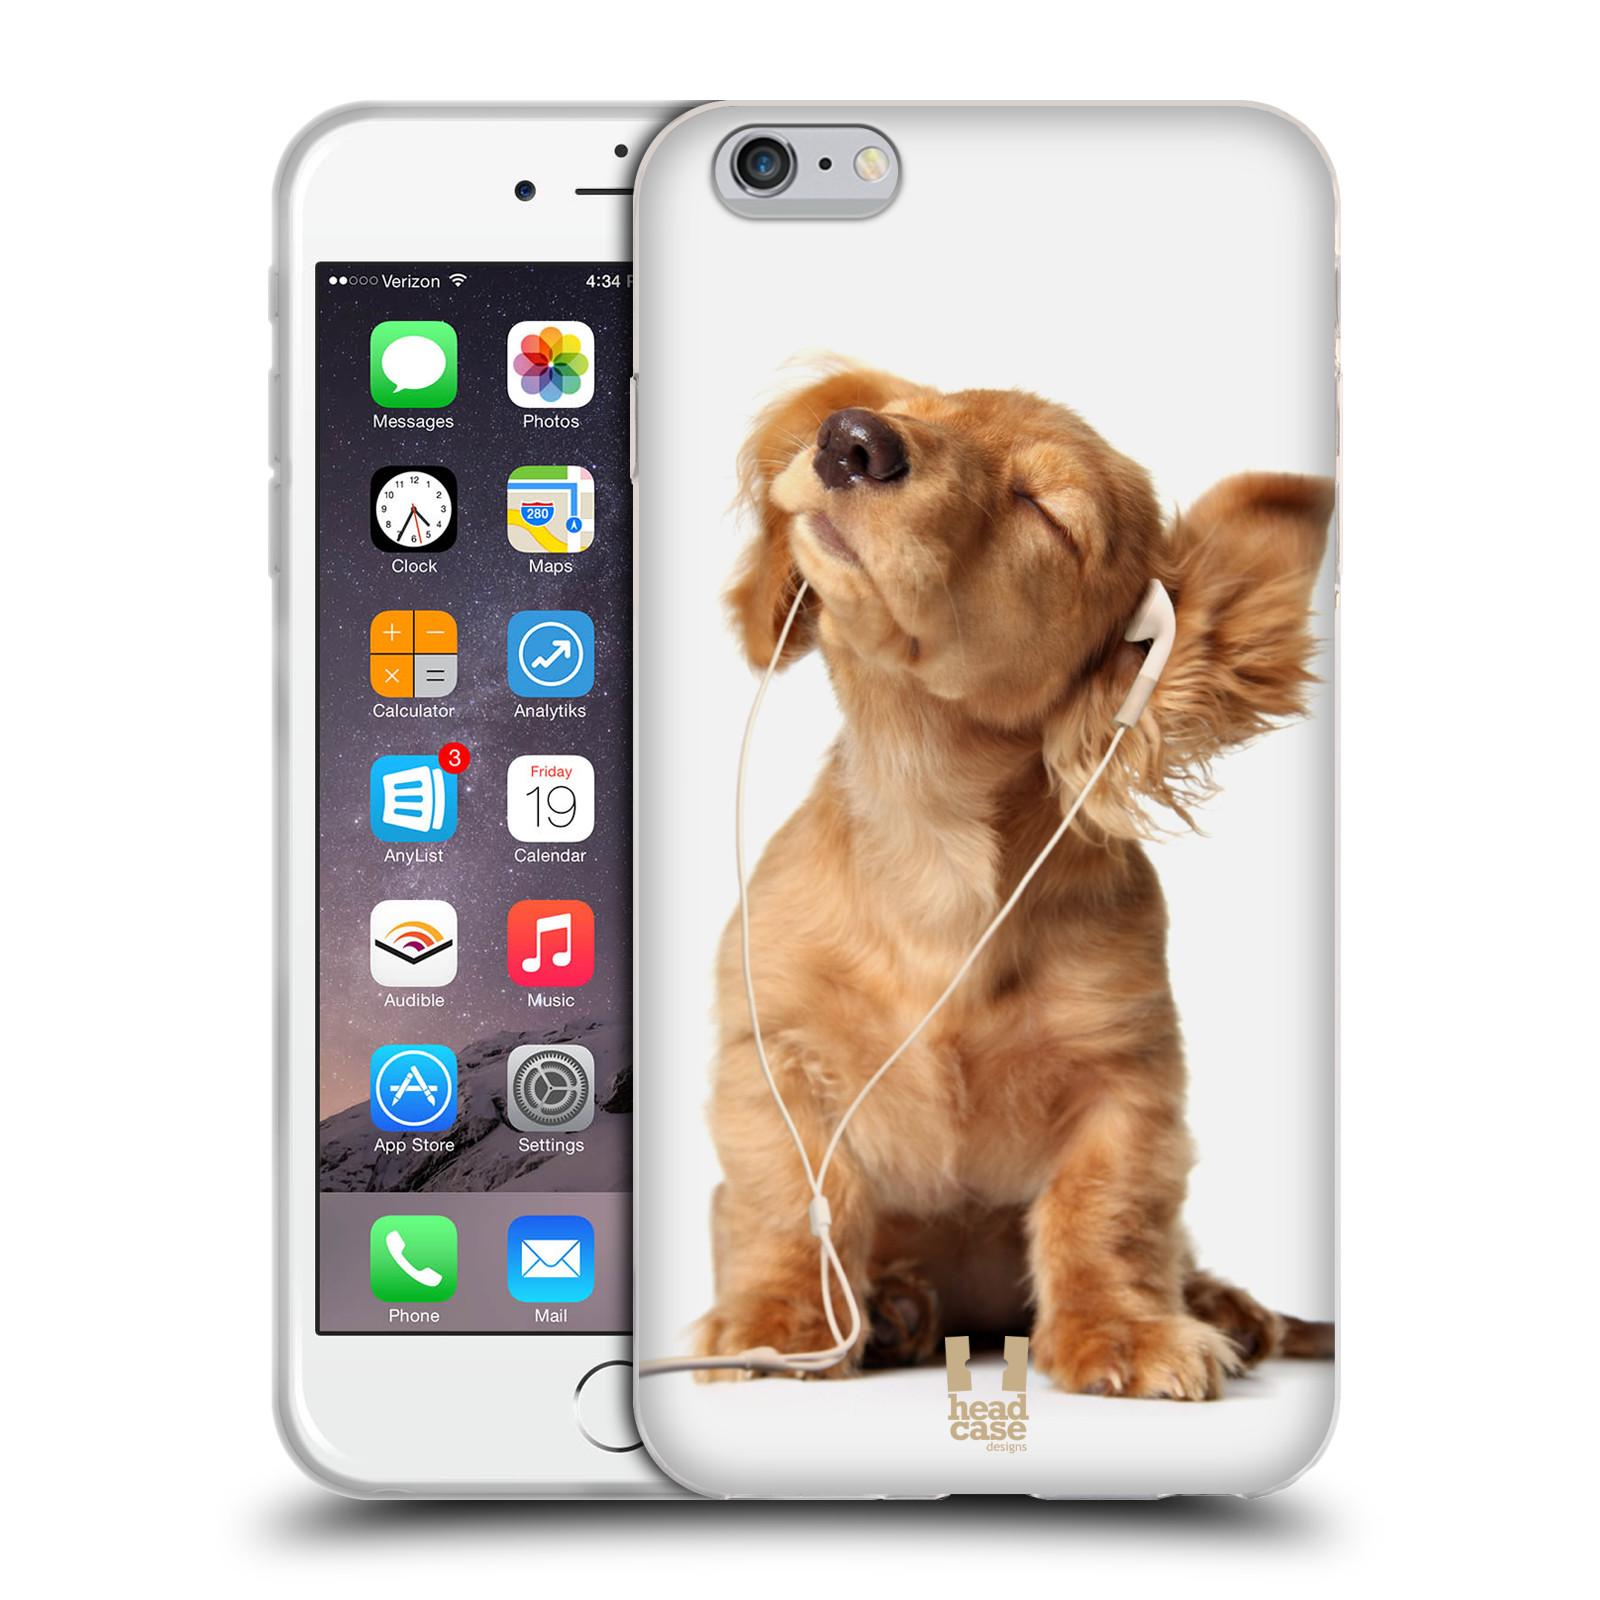 HEAD CASE silikonový obal na mobil Apple Iphone 6 PLUS/ 6S PLUS vzor Legrační zvířátka roztomilé štěňátko se sluchátky MUSIC